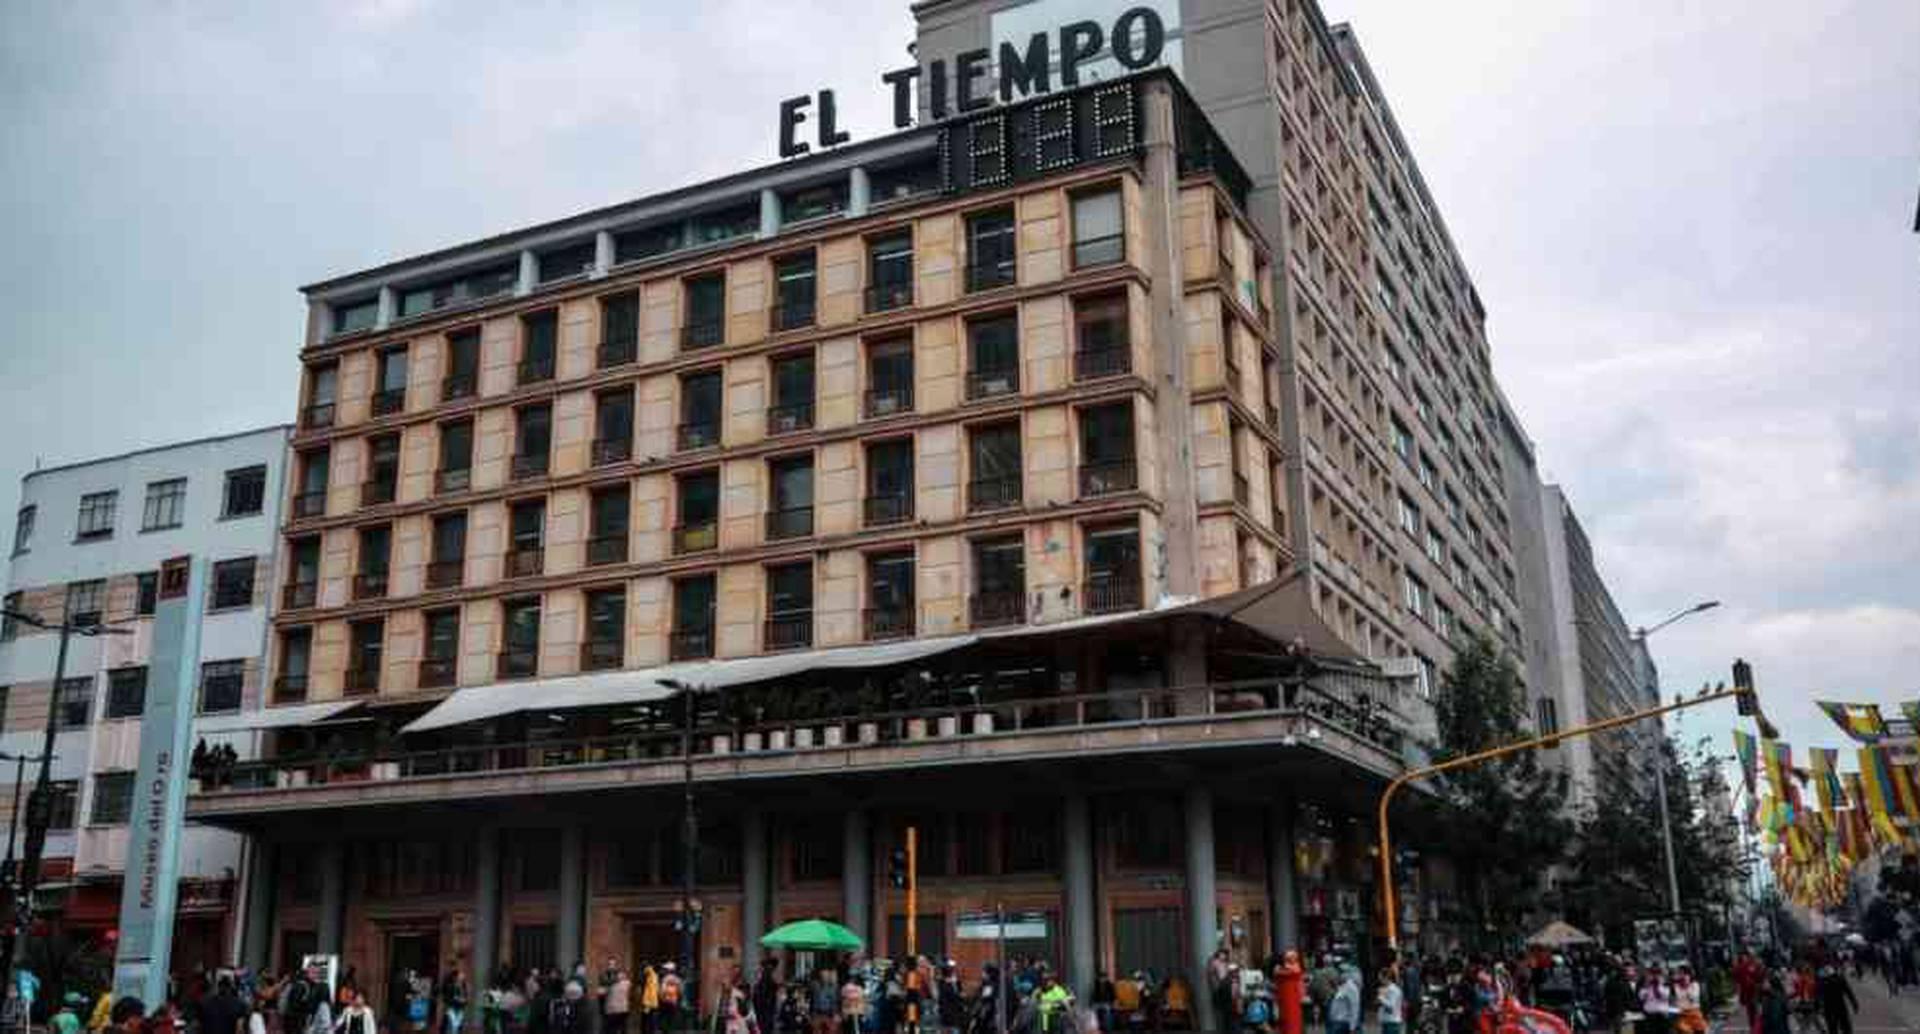 Este edificio de siete pisos, un sótano y 4266 metros cuadrados, mantendrá su nombre: Edificio El Tiempo.